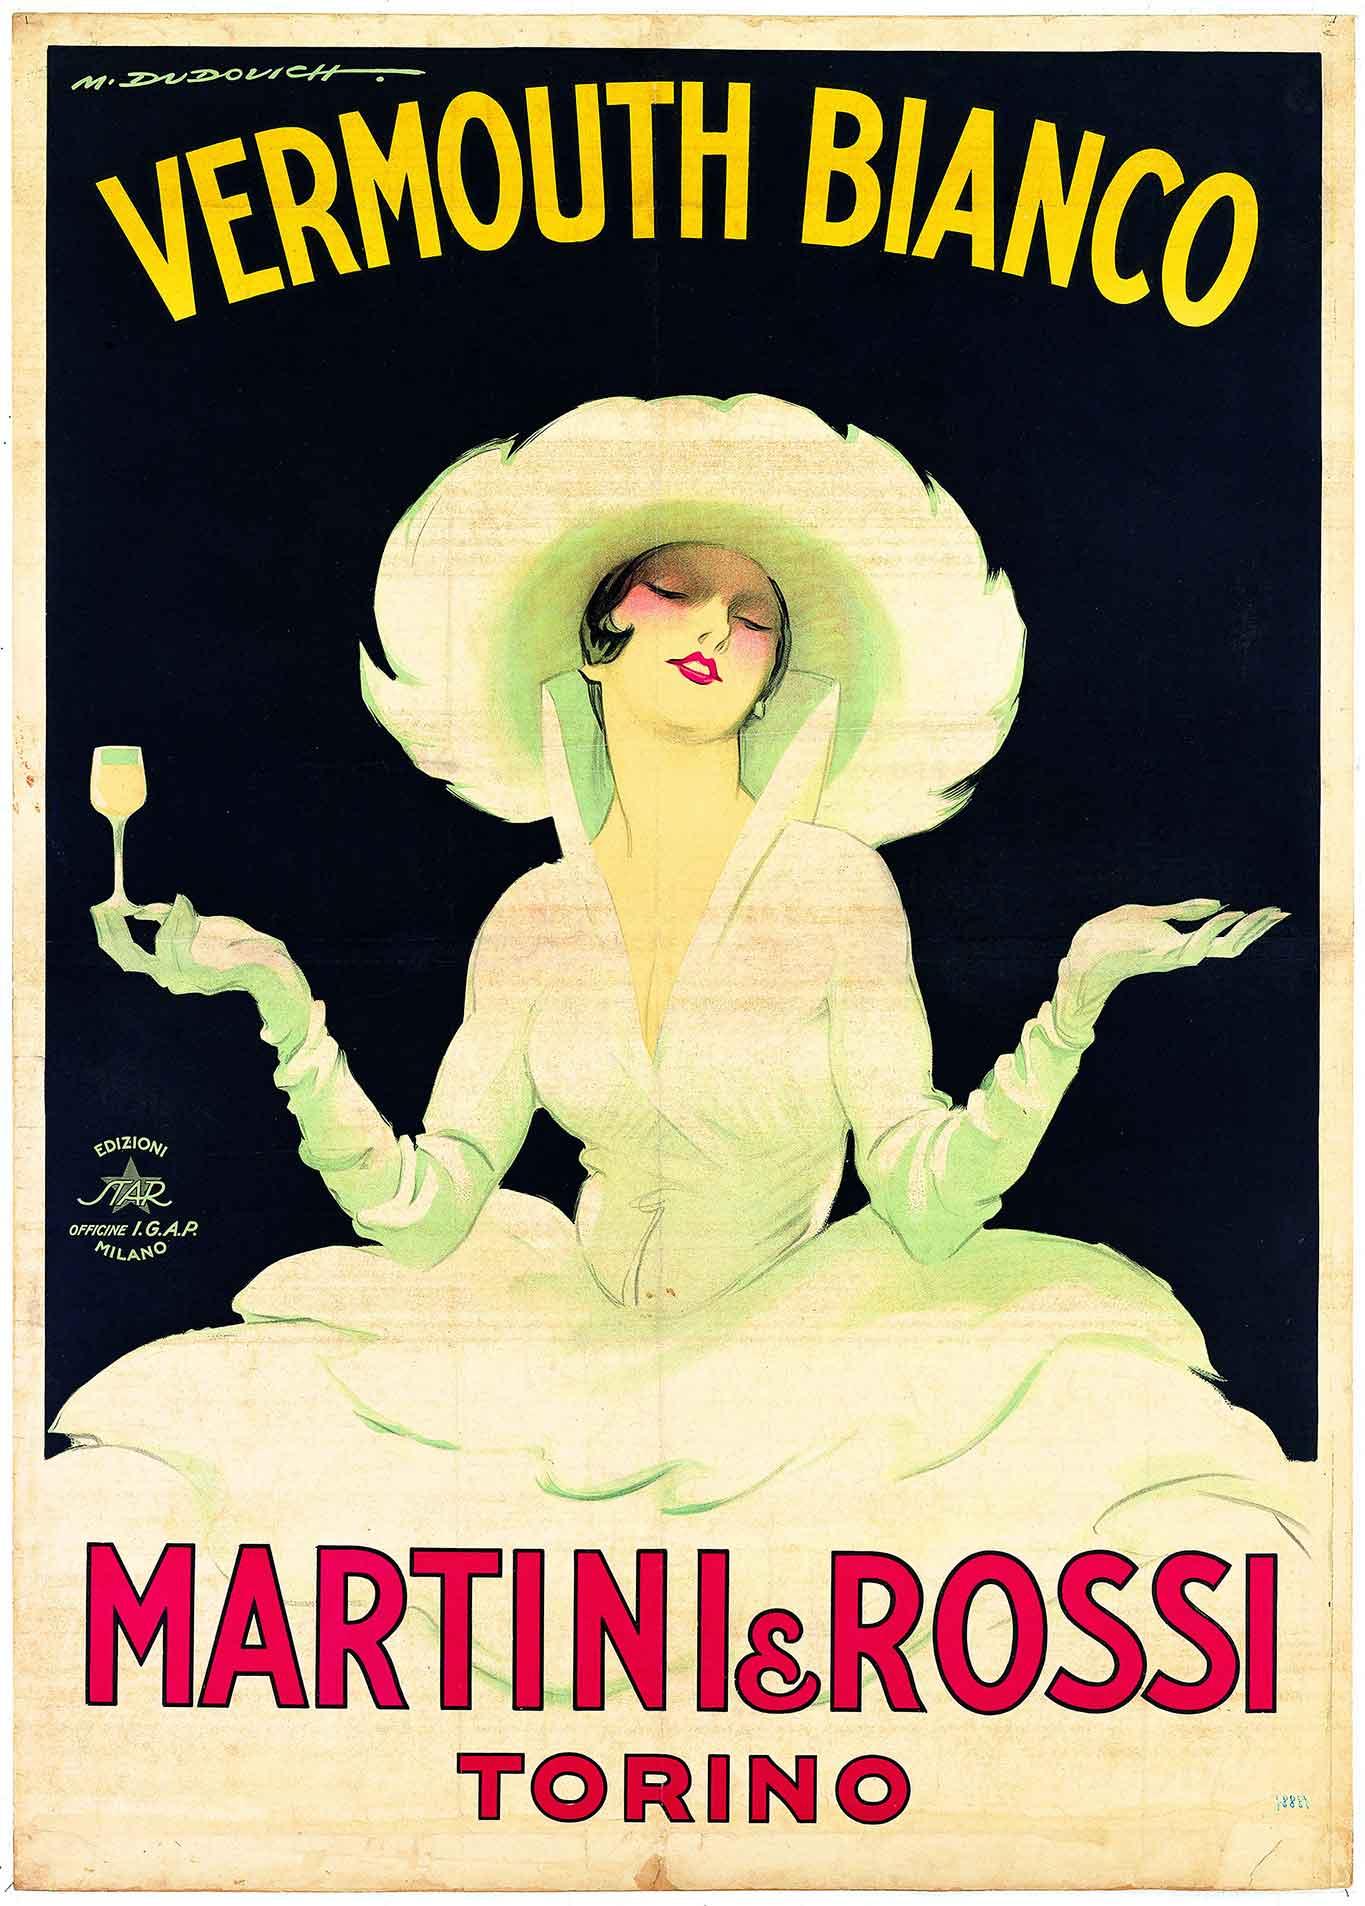 martini rossi